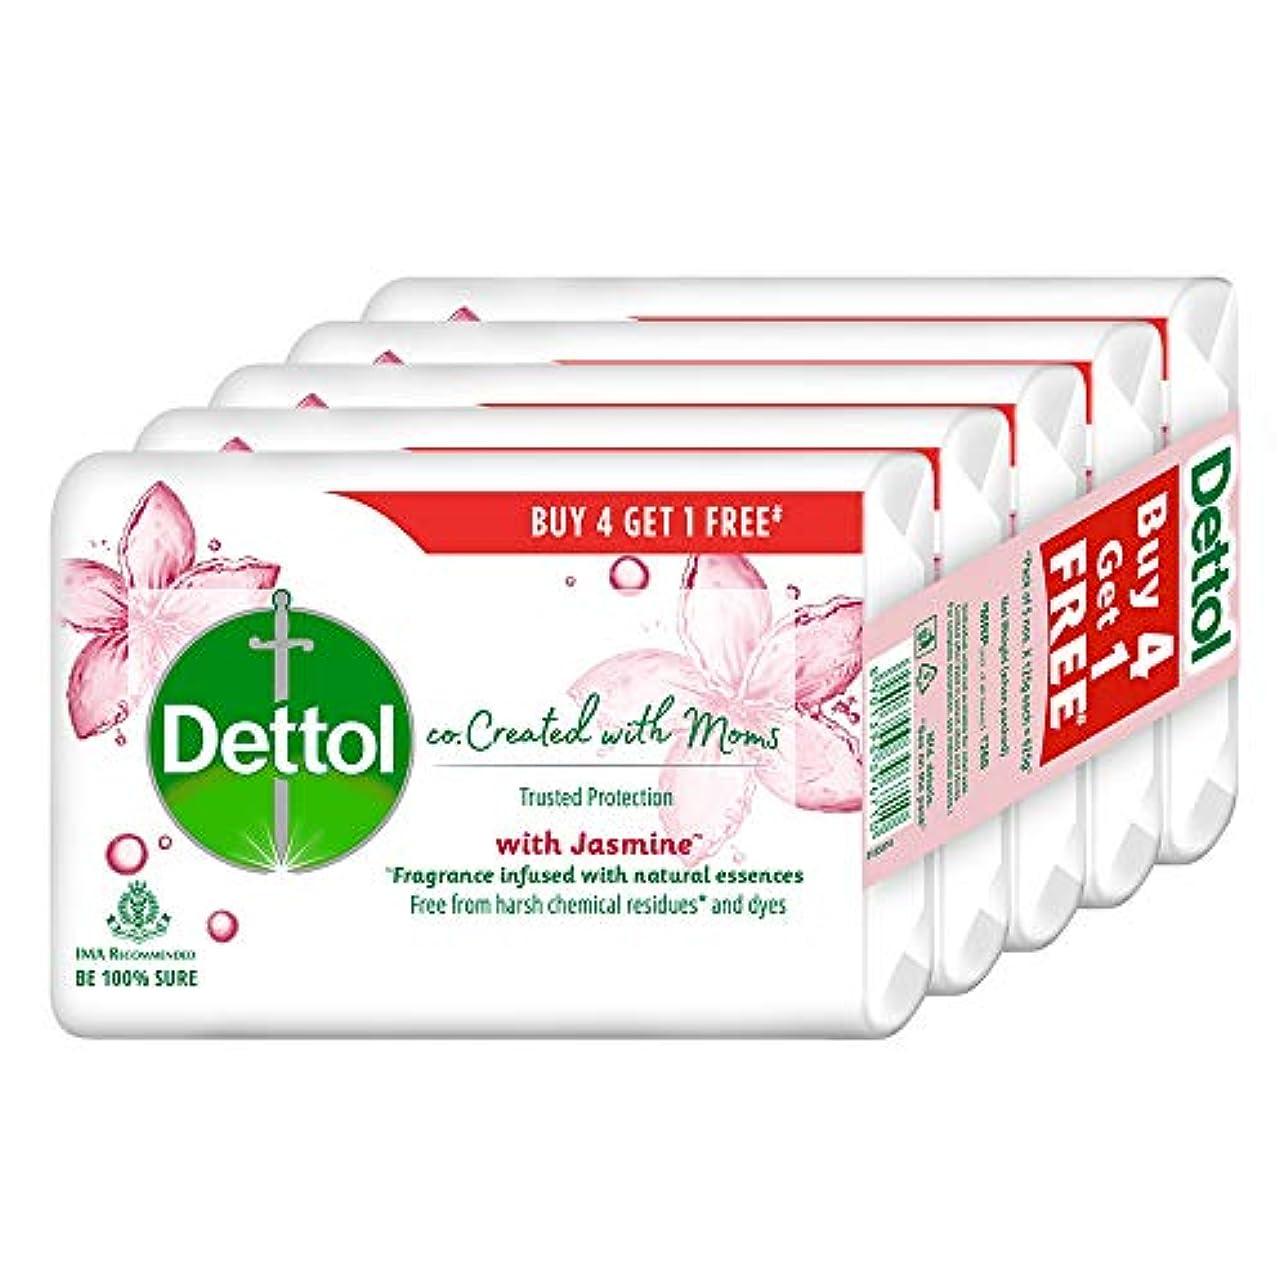 メロドラマくちばしミュウミュウDettol Co-created with moms Jasmine Bathing Soap, 125gm (Buy 4 Get 1 Free)